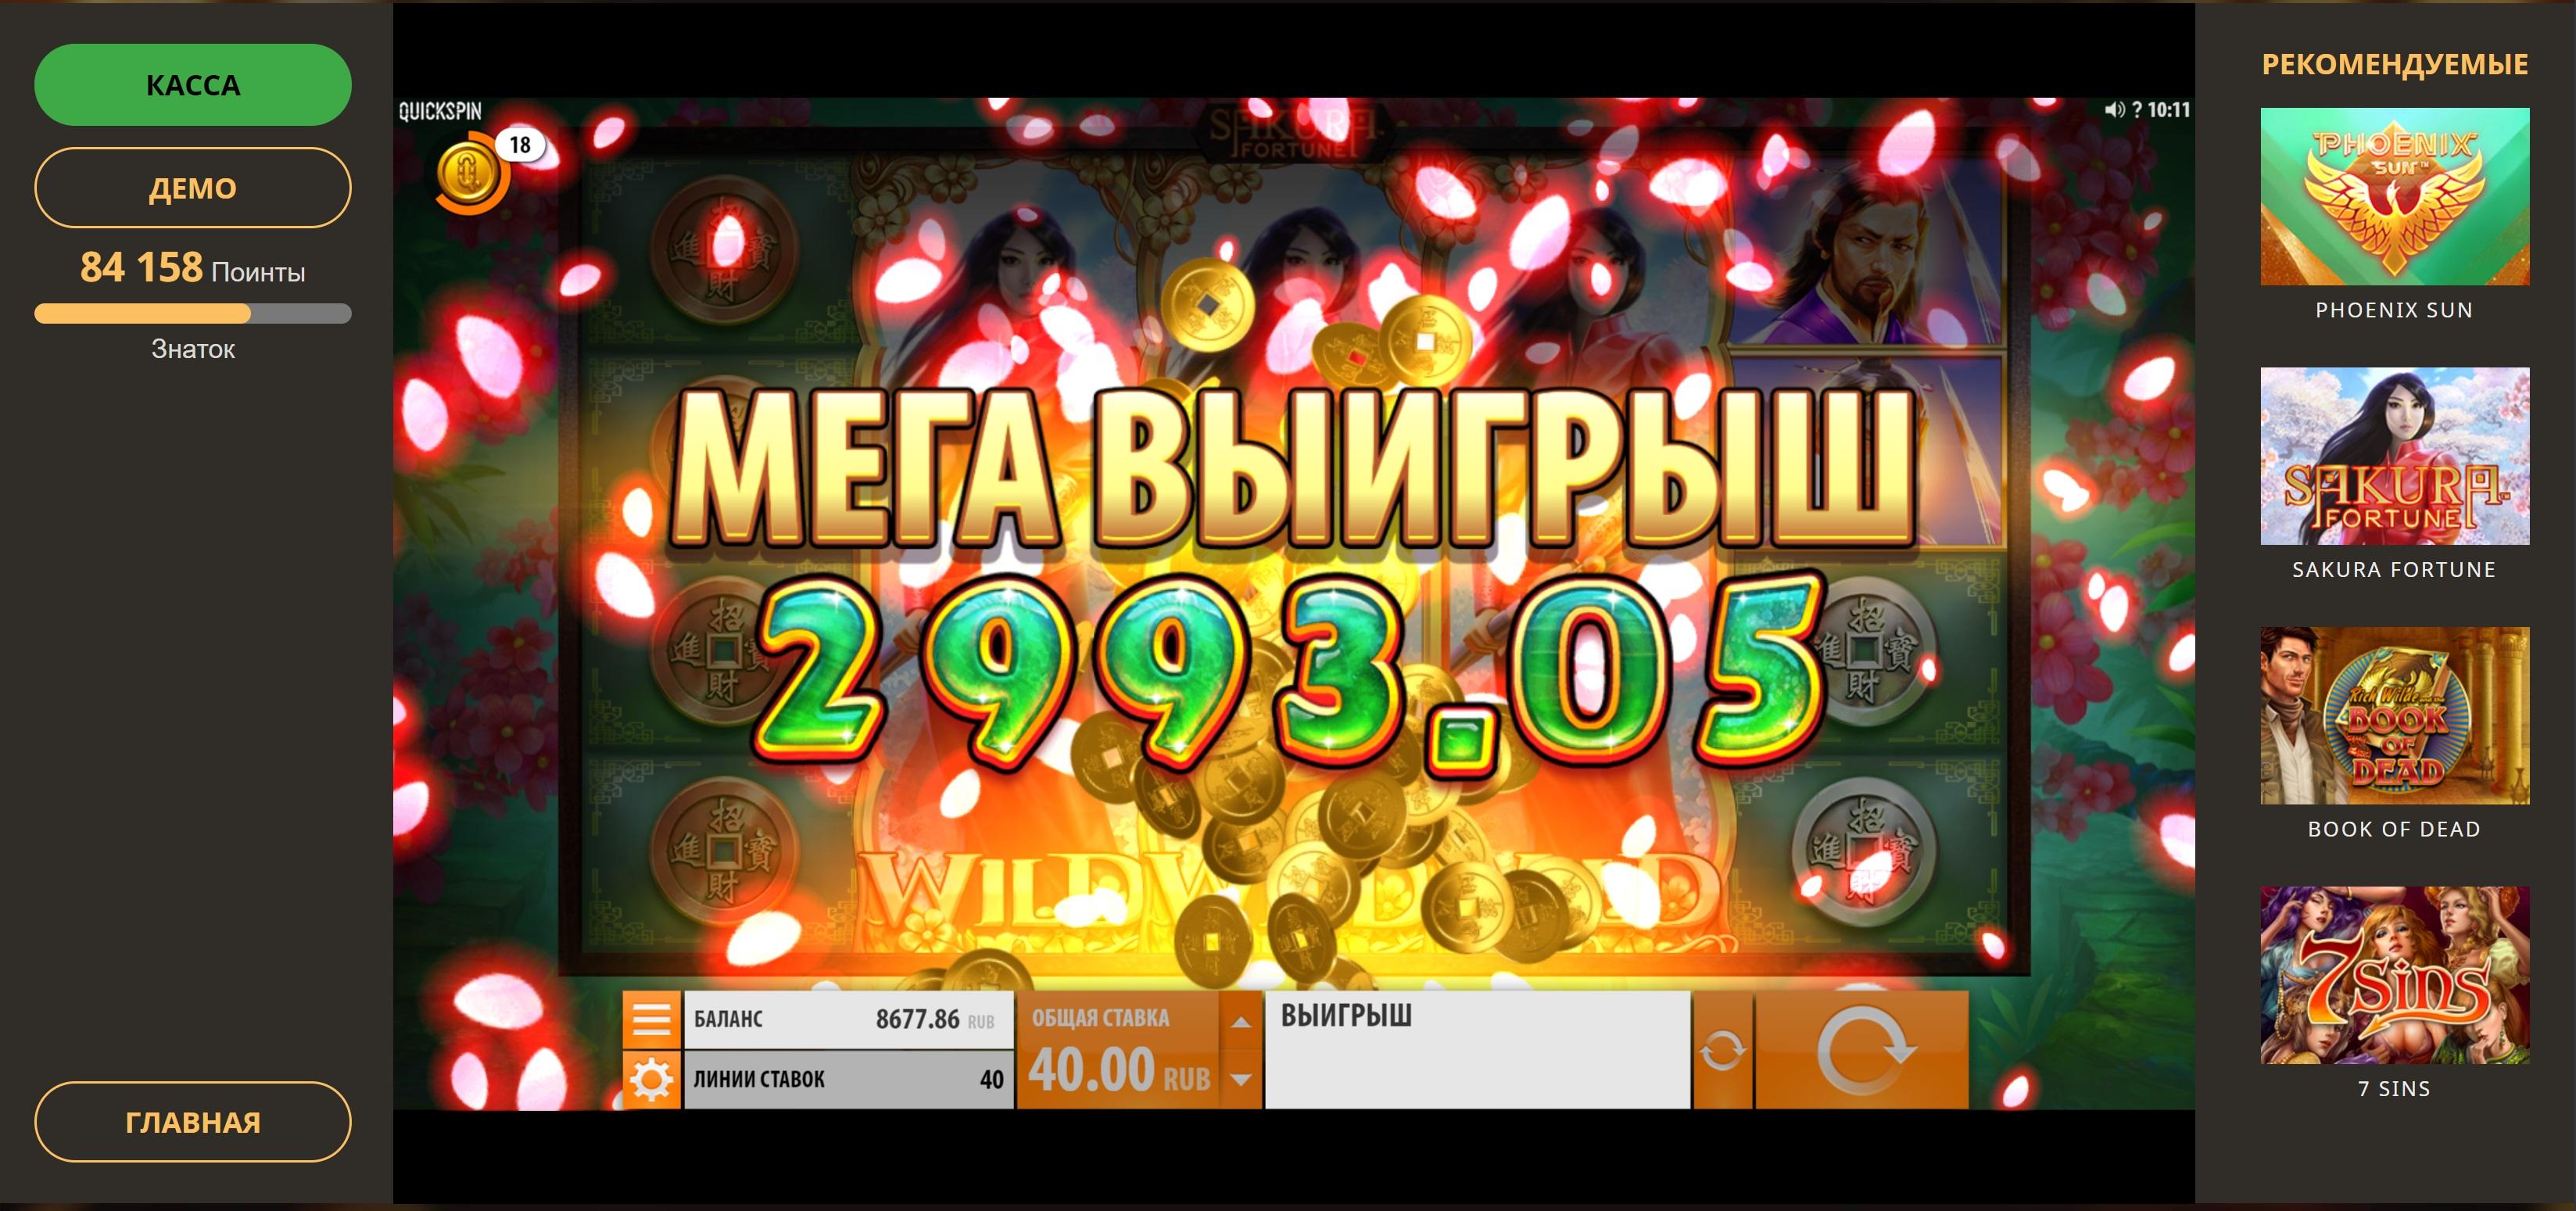 фото Версия фортуна казино демо плей бесплатно играть